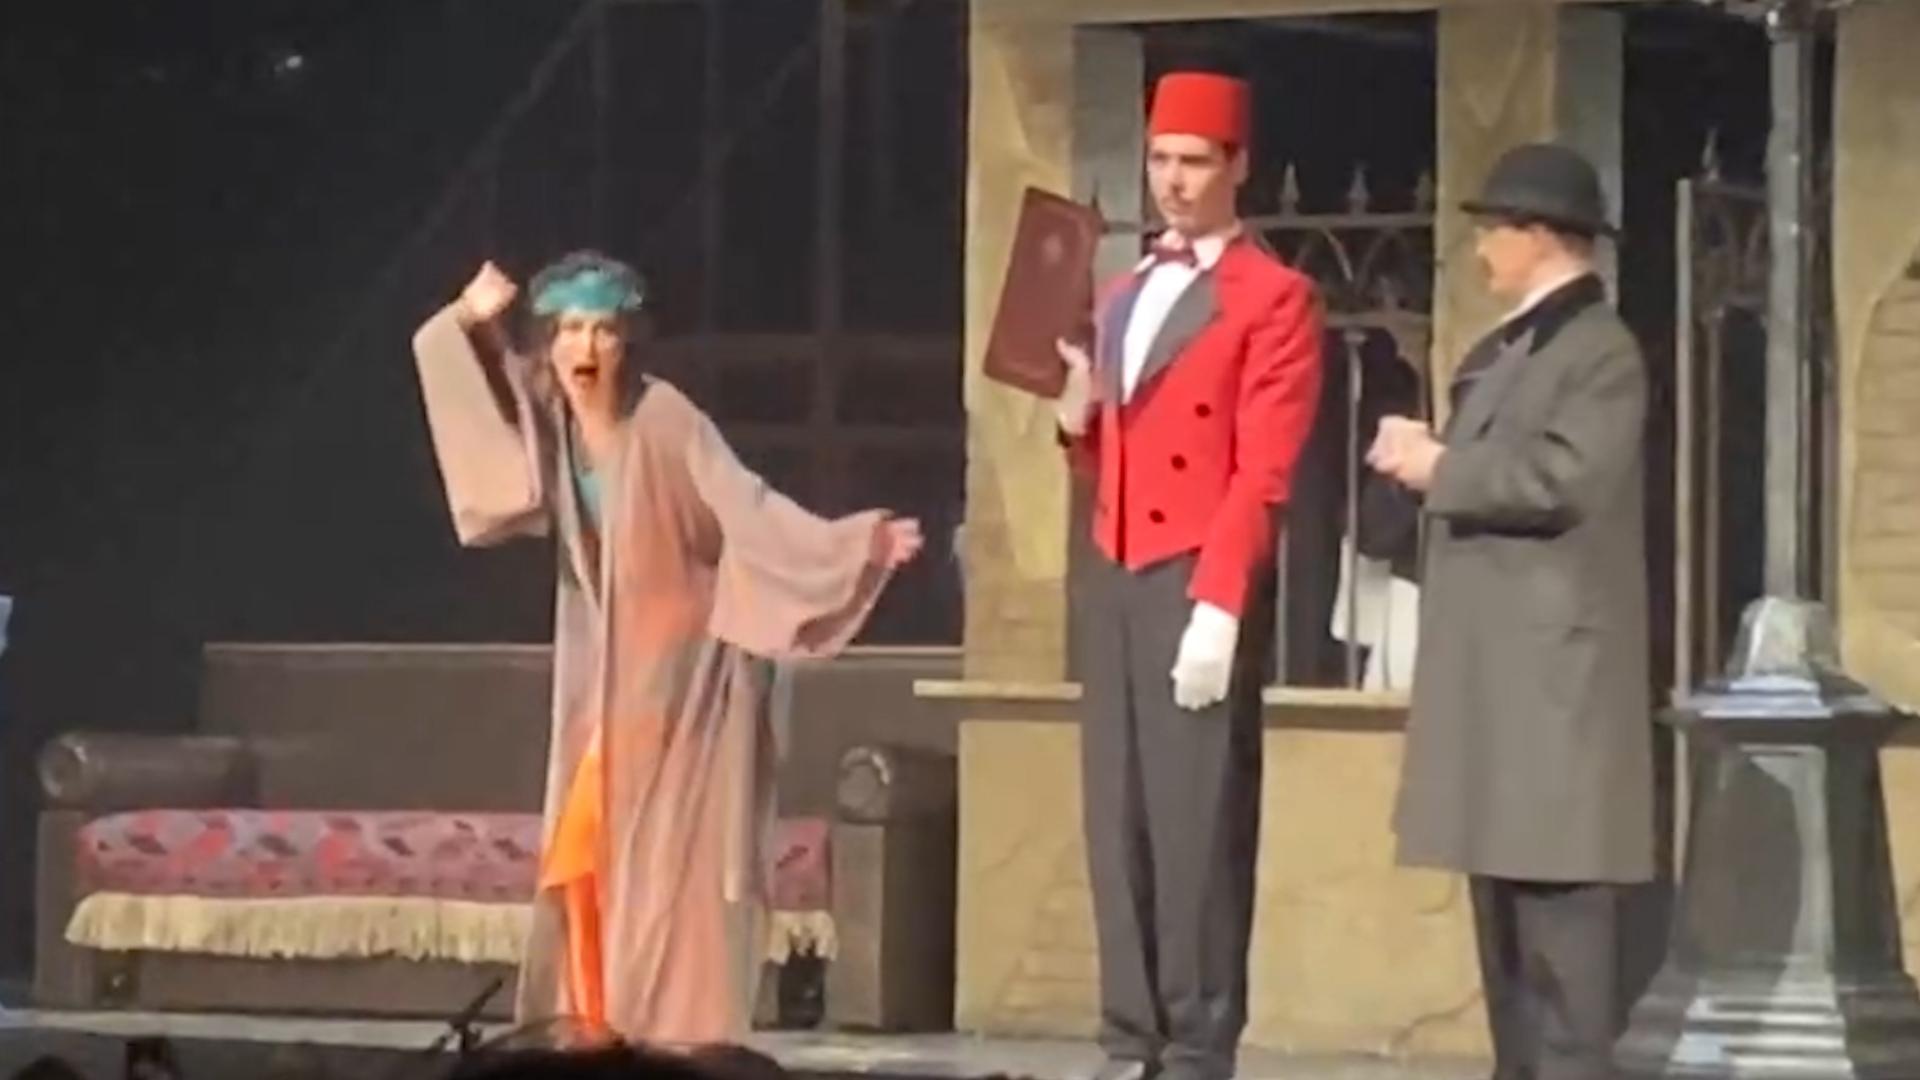 'Она зажата': Педагог актёрского мастерства указала на изъяны в игре Бузовой на репетиции во МХАТе